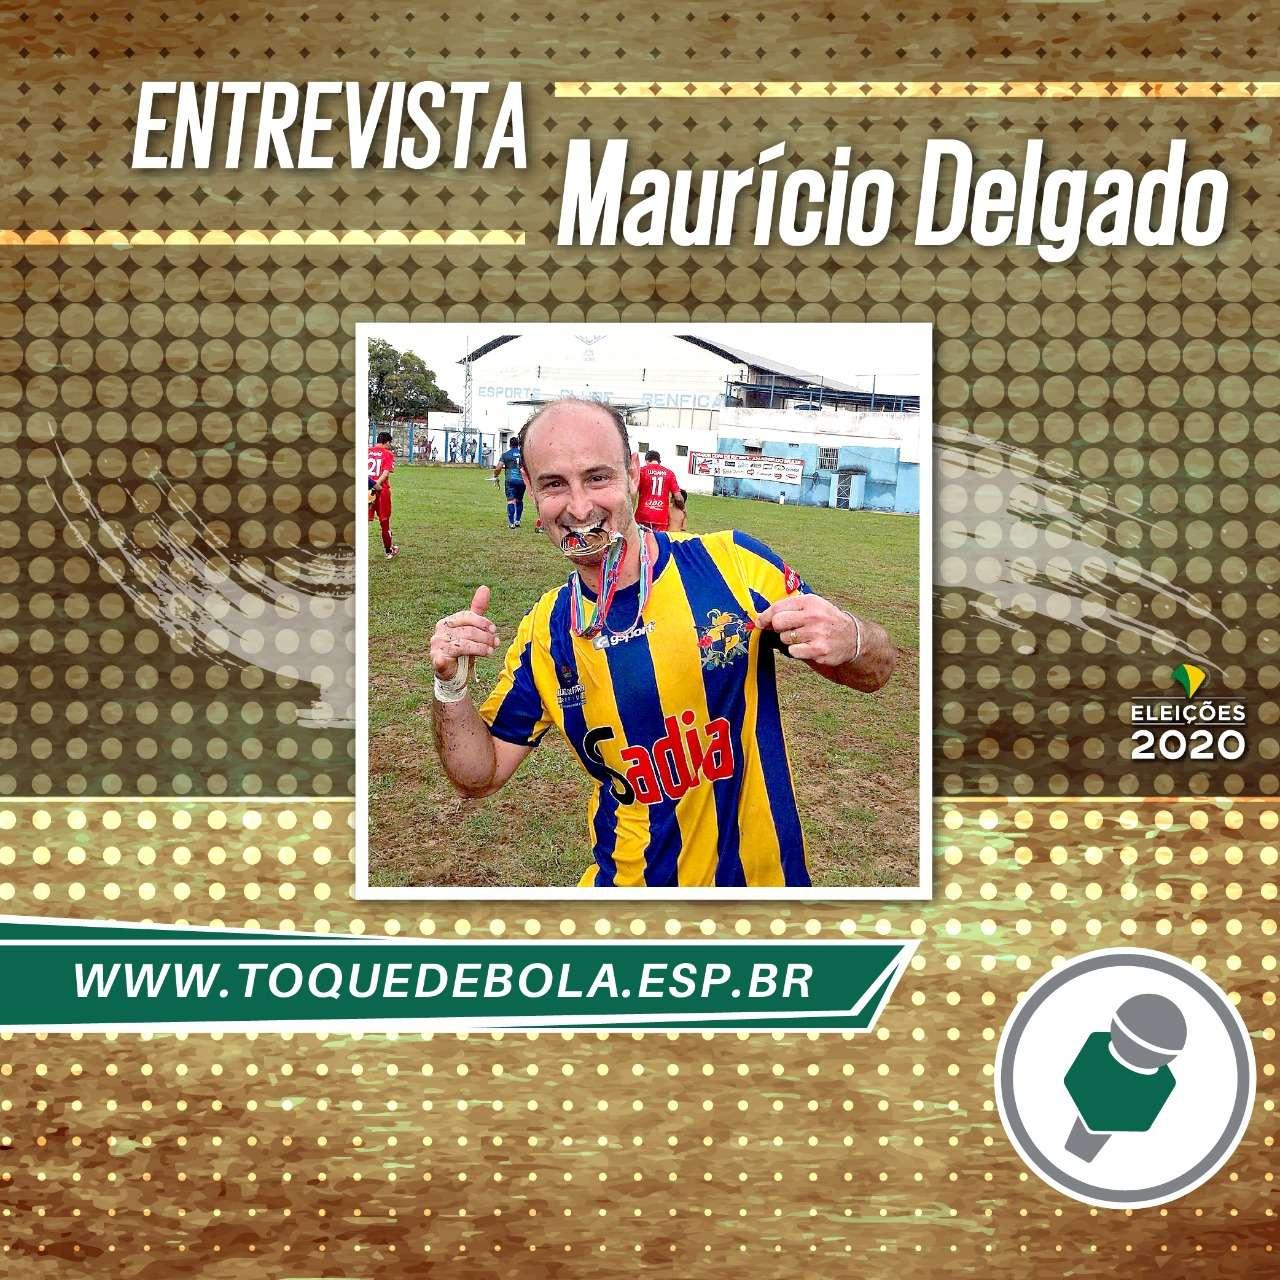 """Para vereador eleito Maurício Delgado, """"esporte é fundamental"""""""